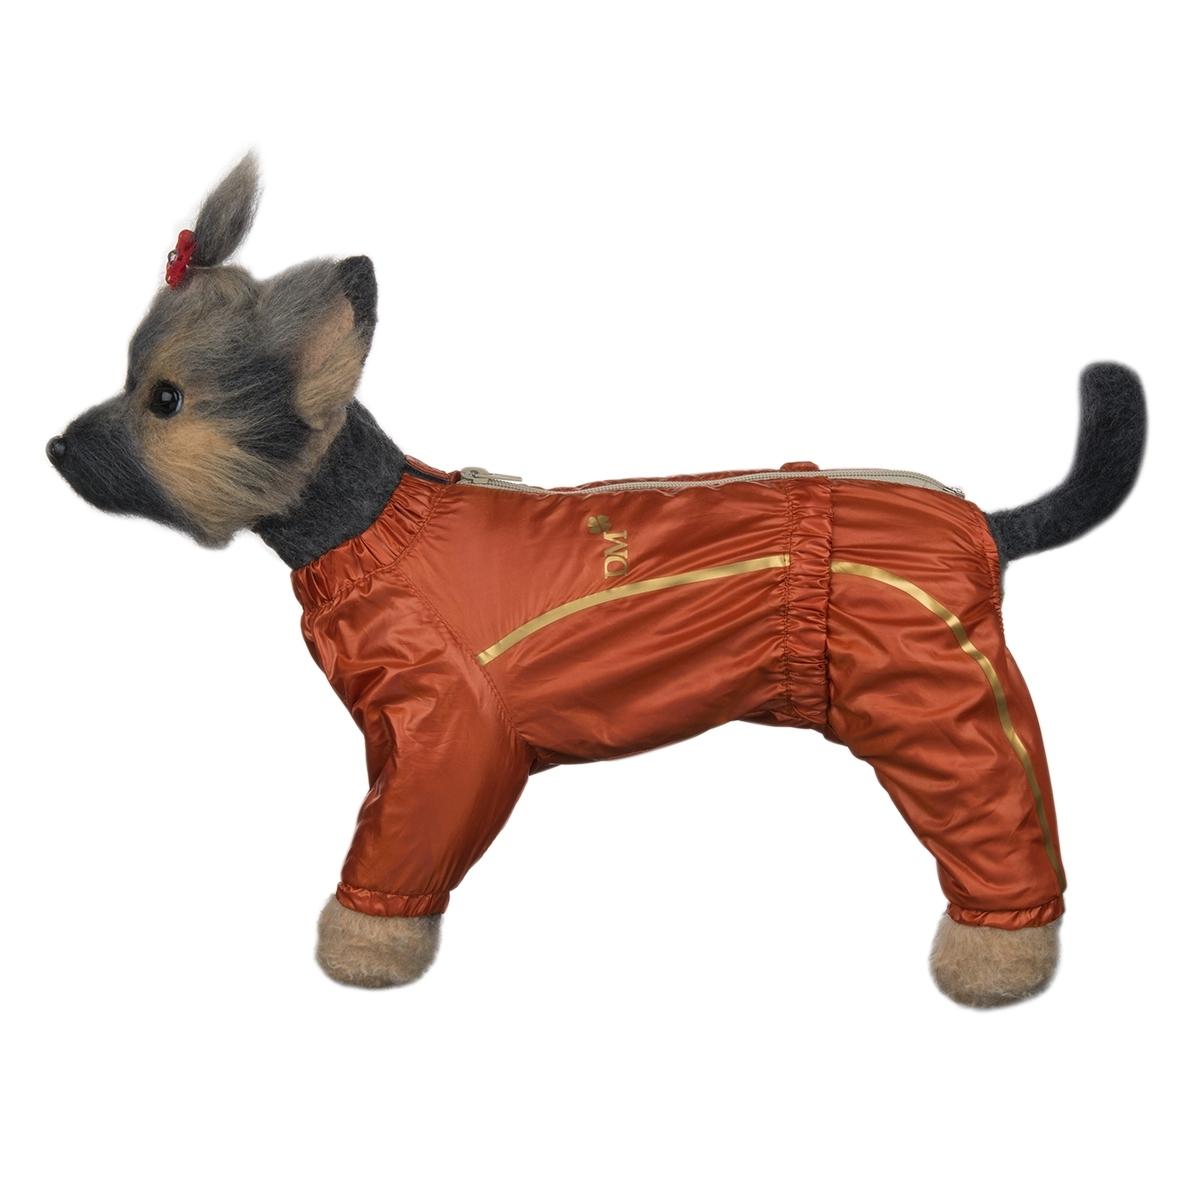 Комбинезон для собак Dogmoda Альпы, для девочки, цвет: оранжевый. Размер 2 (М). DM-160102DM-160102-2_оранжКомбинезон для собак Dogmoda Альпы отлично подойдет для прогулок поздней осенью или ранней весной. Комбинезон изготовлен из полиэстера, защищающего от ветра и осадков, с подкладкой из вискозы и полиэстера, которая сохранит тепло и обеспечит отличный воздухообмен. Комбинезон застегивается на молнию и липучку, благодаря чему его легко надевать и снимать. Ворот, низ рукавов и брючин оснащены внутренними резинками, которые мягко обхватывают шею и лапки, не позволяя просачиваться холодному воздуху. На пояснице имеется внутренняя резинка. Изделие декорировано золотистыми полосками и надписью DM.Благодаря такому комбинезону простуда не грозит вашему питомцу и он не даст любимцу продрогнуть на прогулке.Длина по спинке: 24 см.Объем груди: 39 см.Обхват шеи: 25 см.Одежда для собак: нужна ли она и как её выбрать. Статья OZON Гид